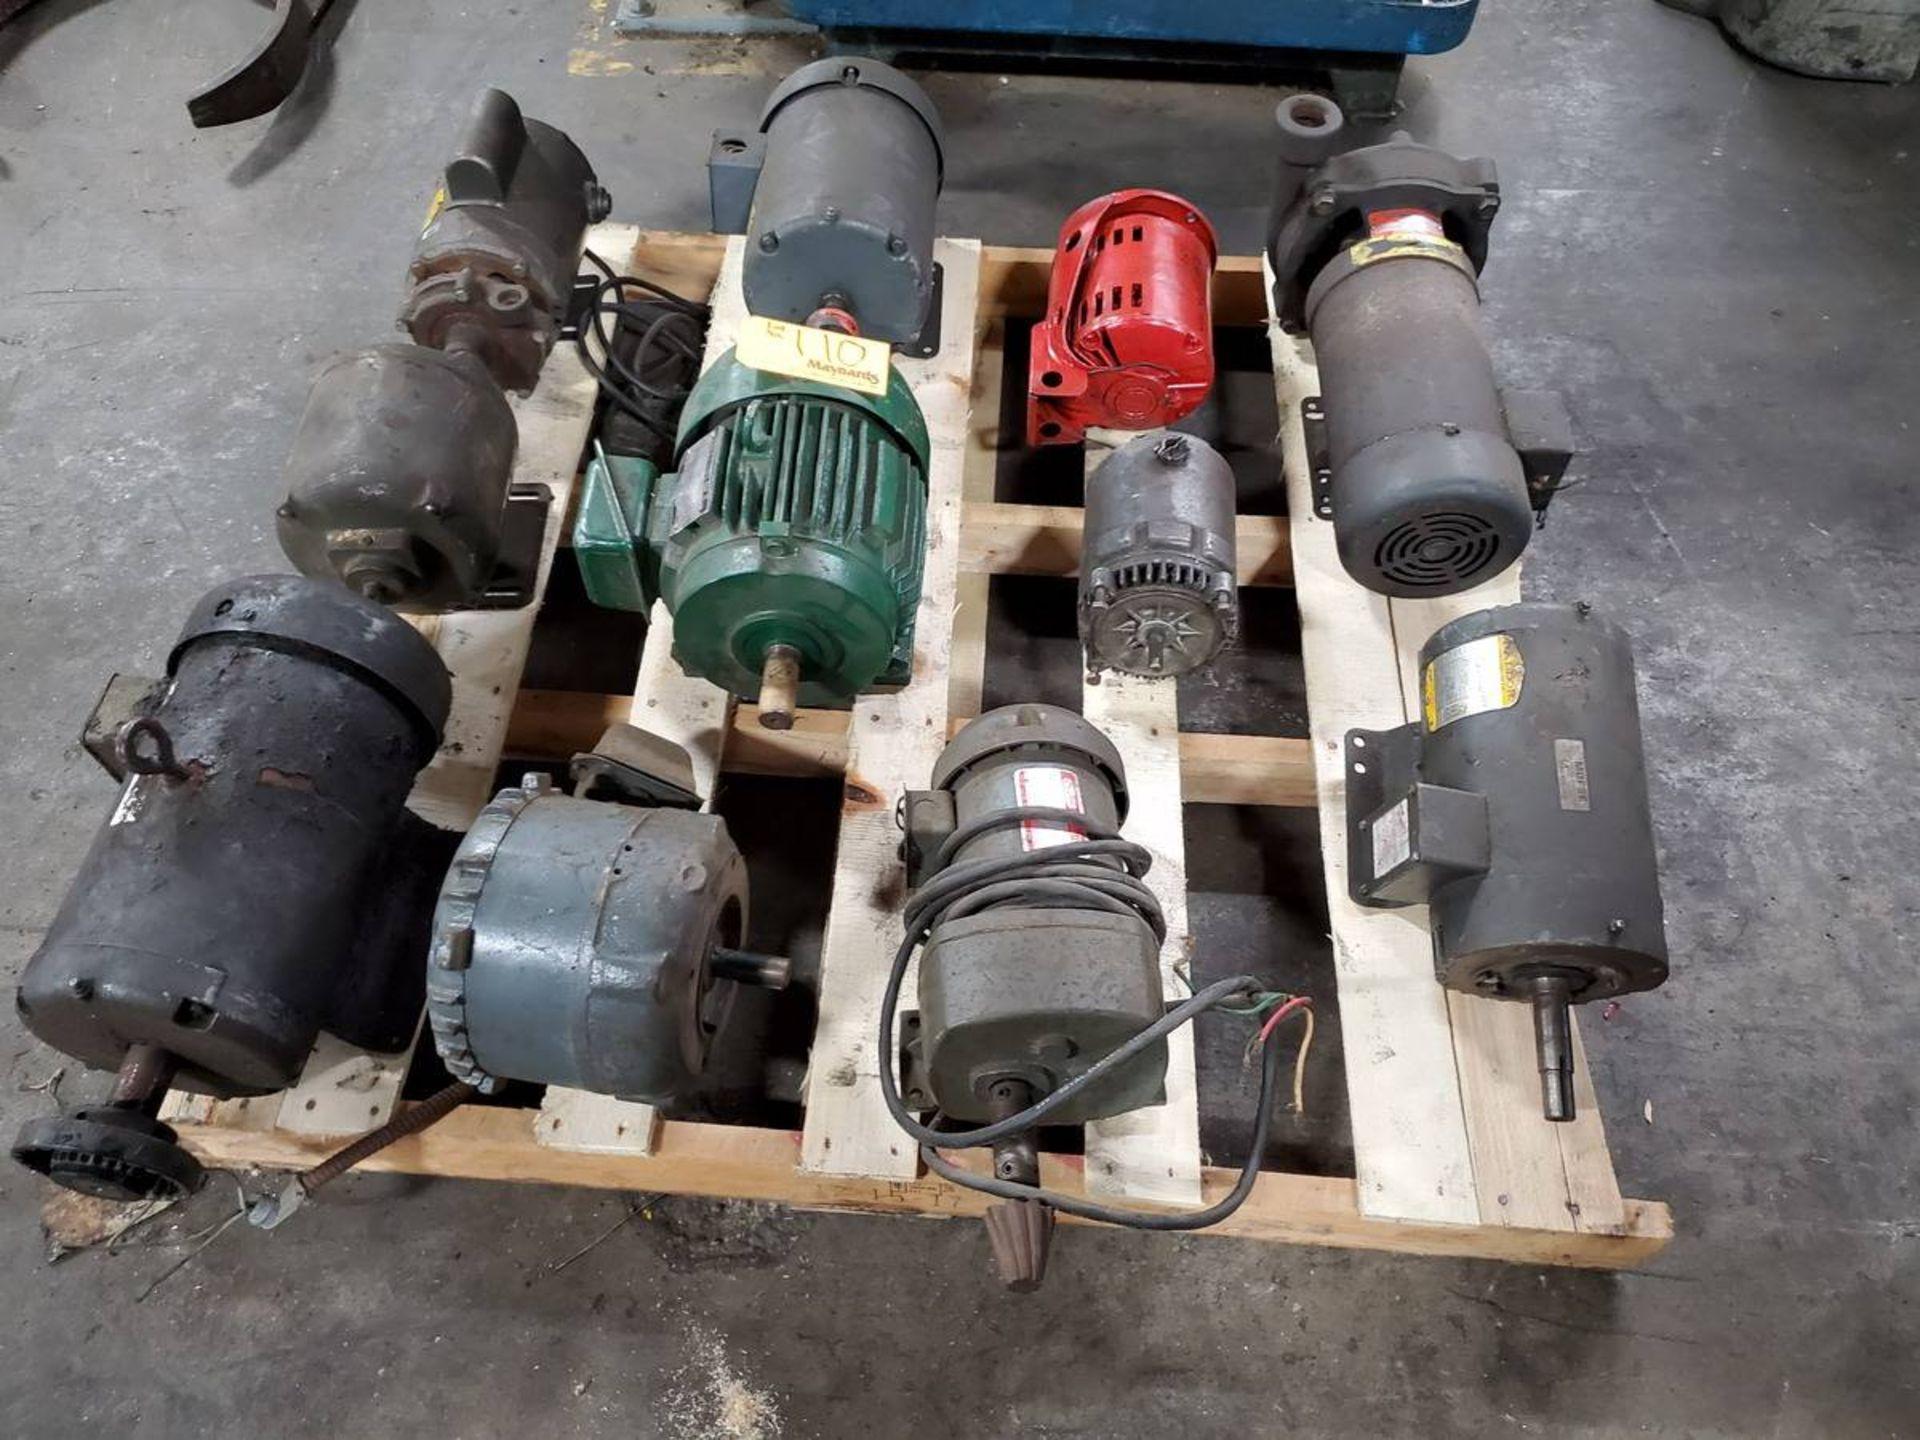 Lot 110 - Motors